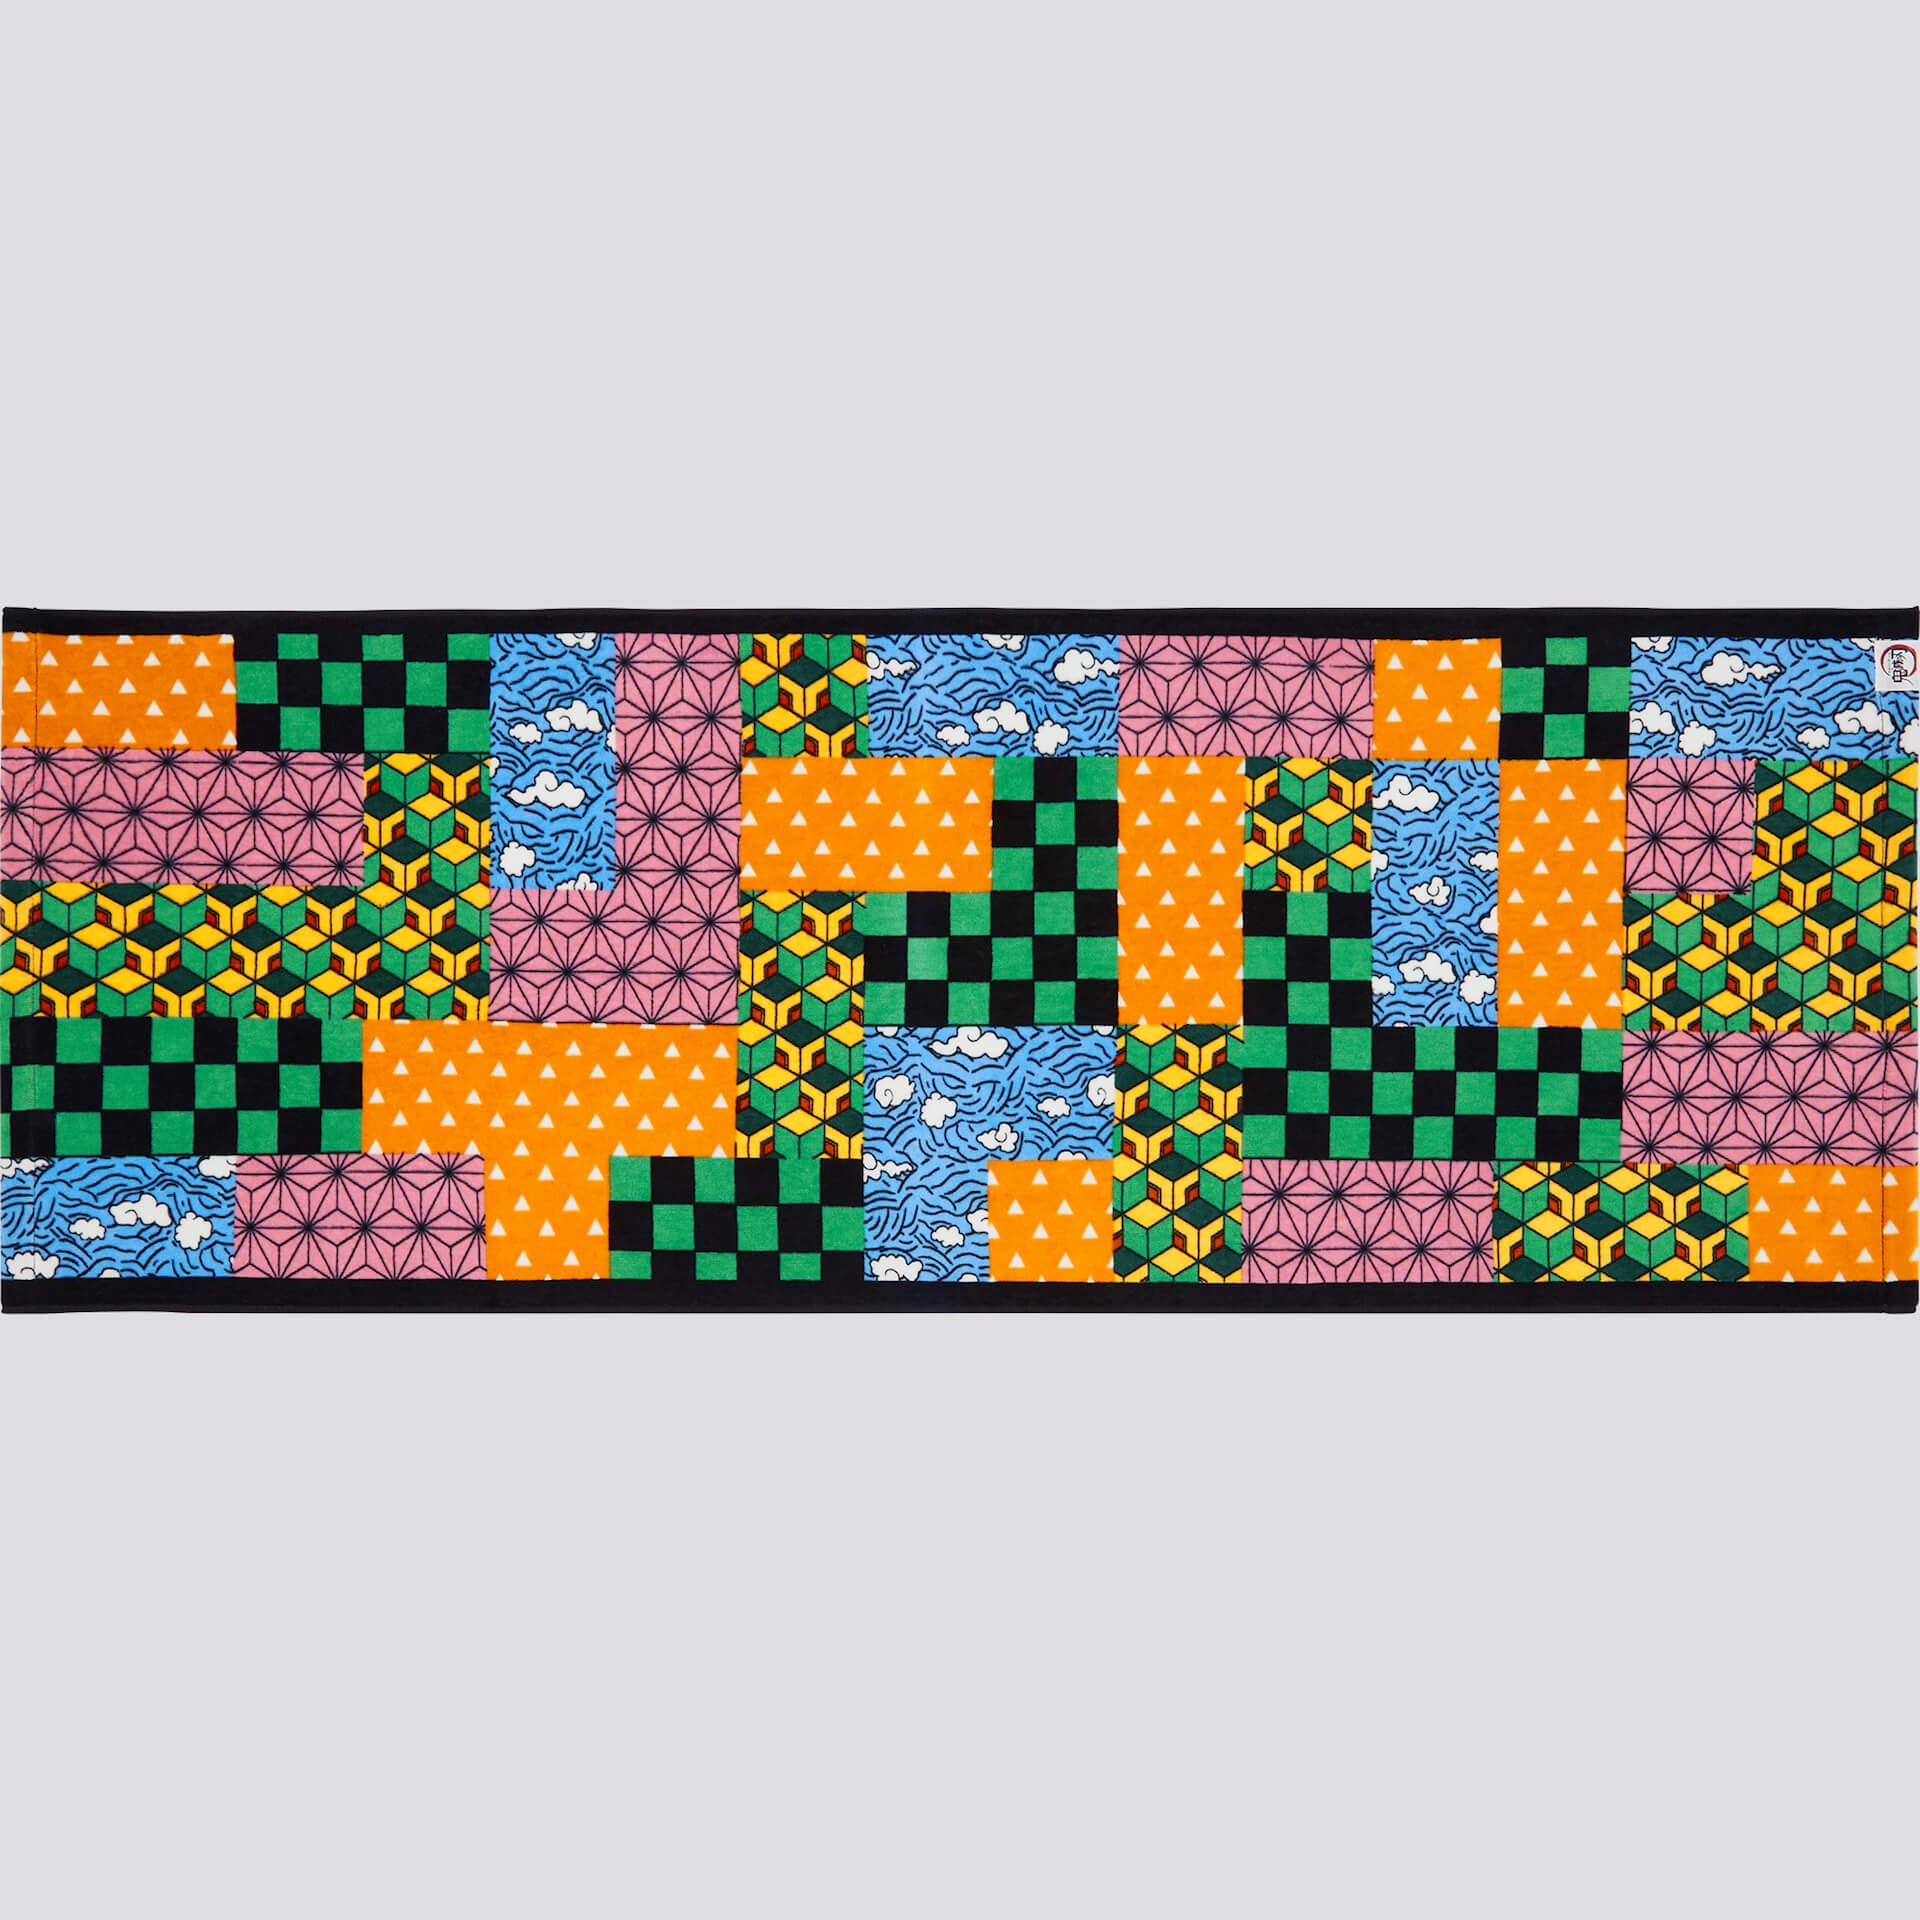 『鬼滅の刃』とユニクロ「UT」コラボ第2弾のコレクションがついに発表!着物や鍔をイメージしたバッグ&タオルも登場 life200817_kimetsu_ut_20